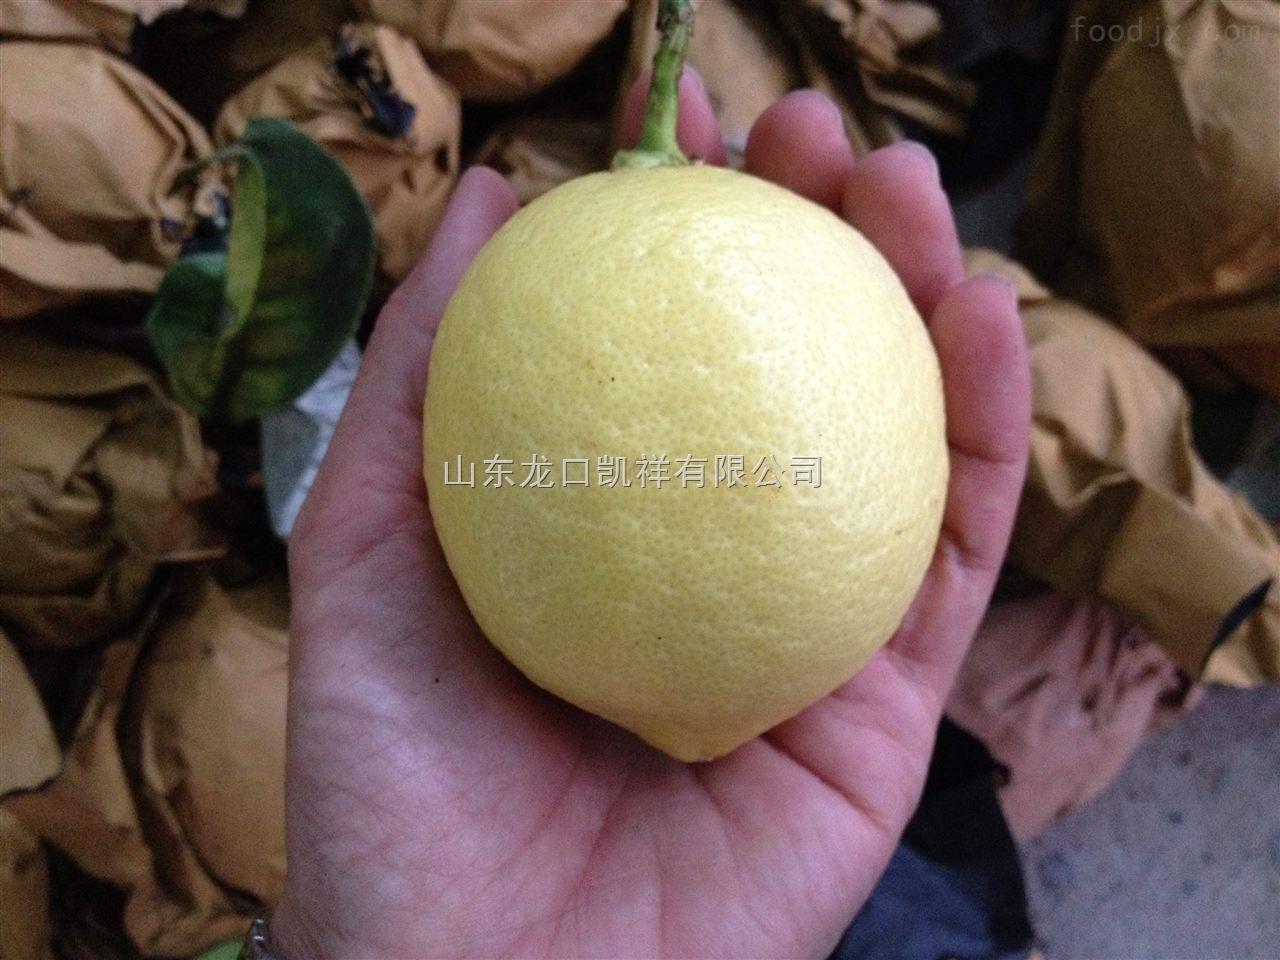 四川全自动柠檬,柠檬果袋机全自动柠檬生产厂家,四川柠檬套袋机